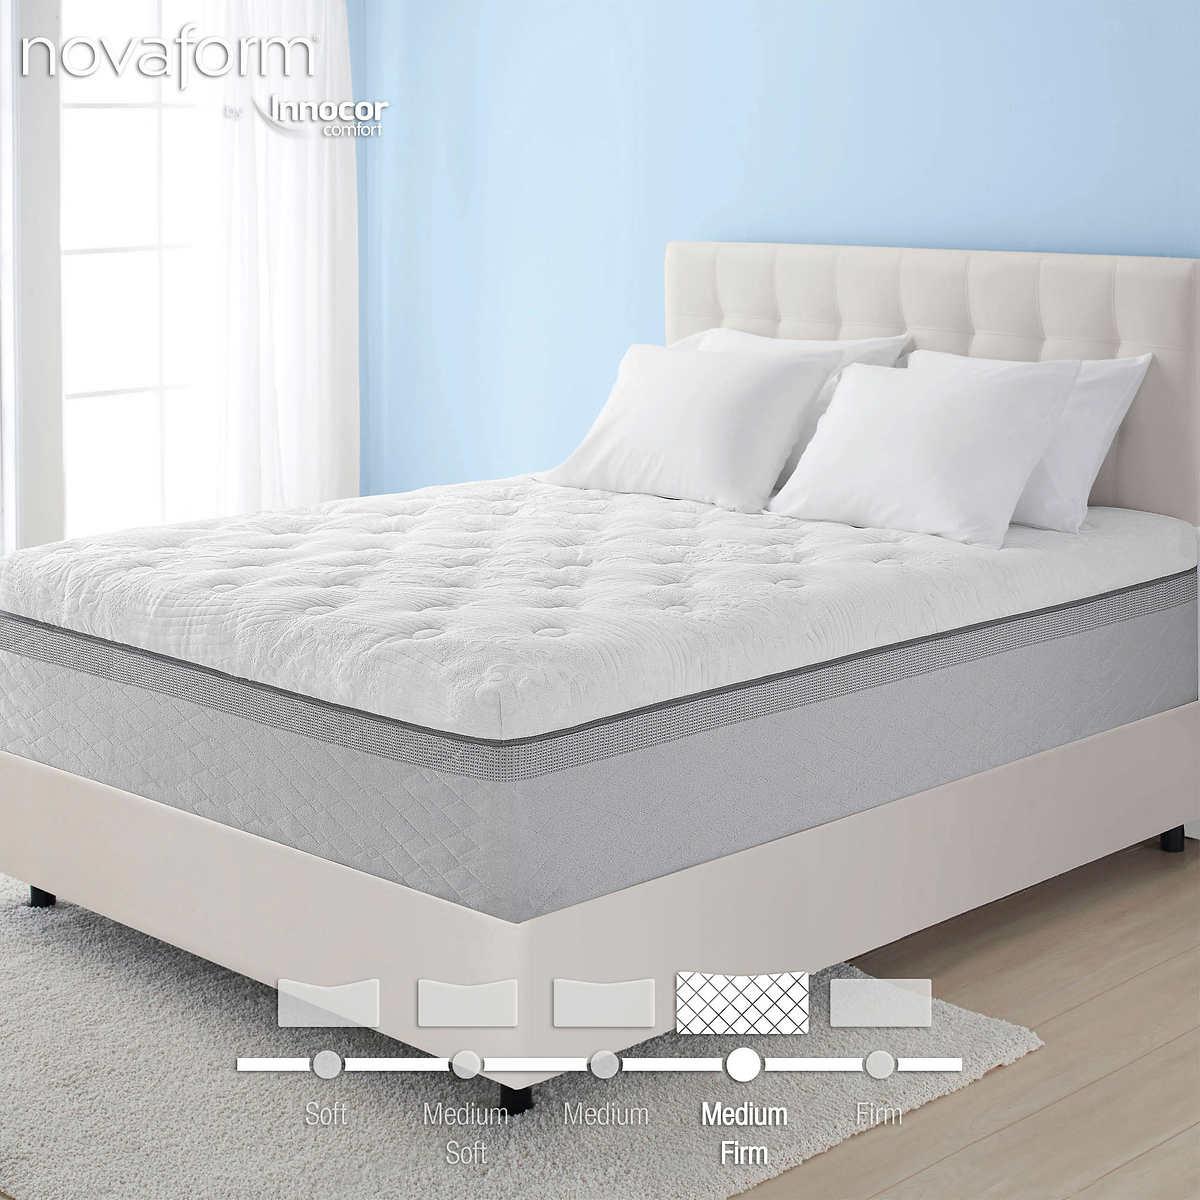 novaform comfort grande memory foam mattress | costco